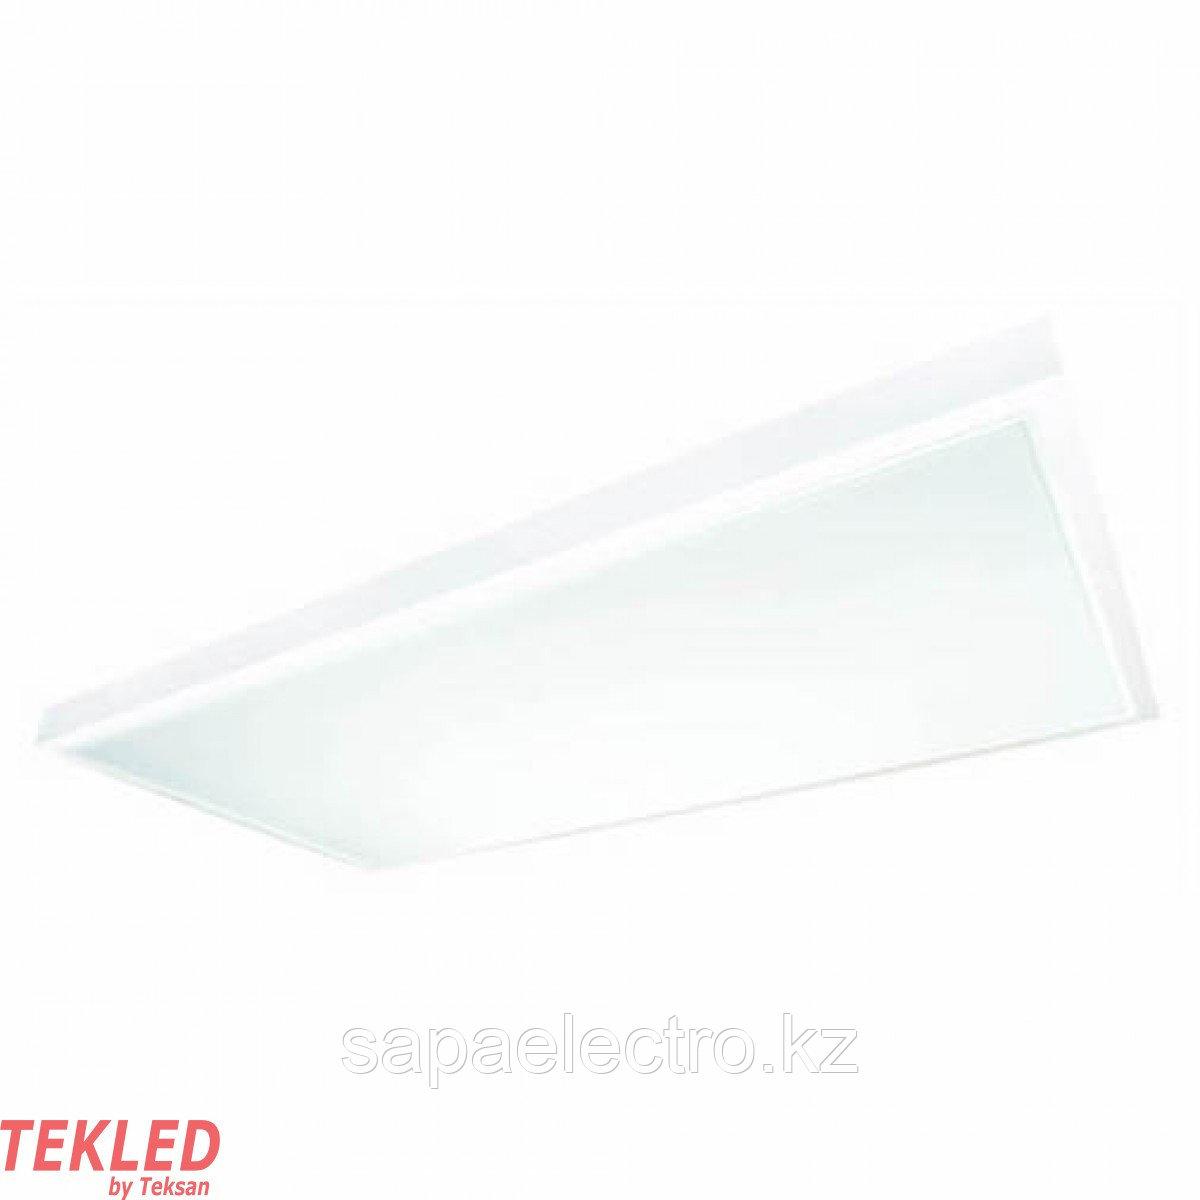 Св-к OPALLED 20X9W/LZN 436 MODERNA накл-й MEGALUX